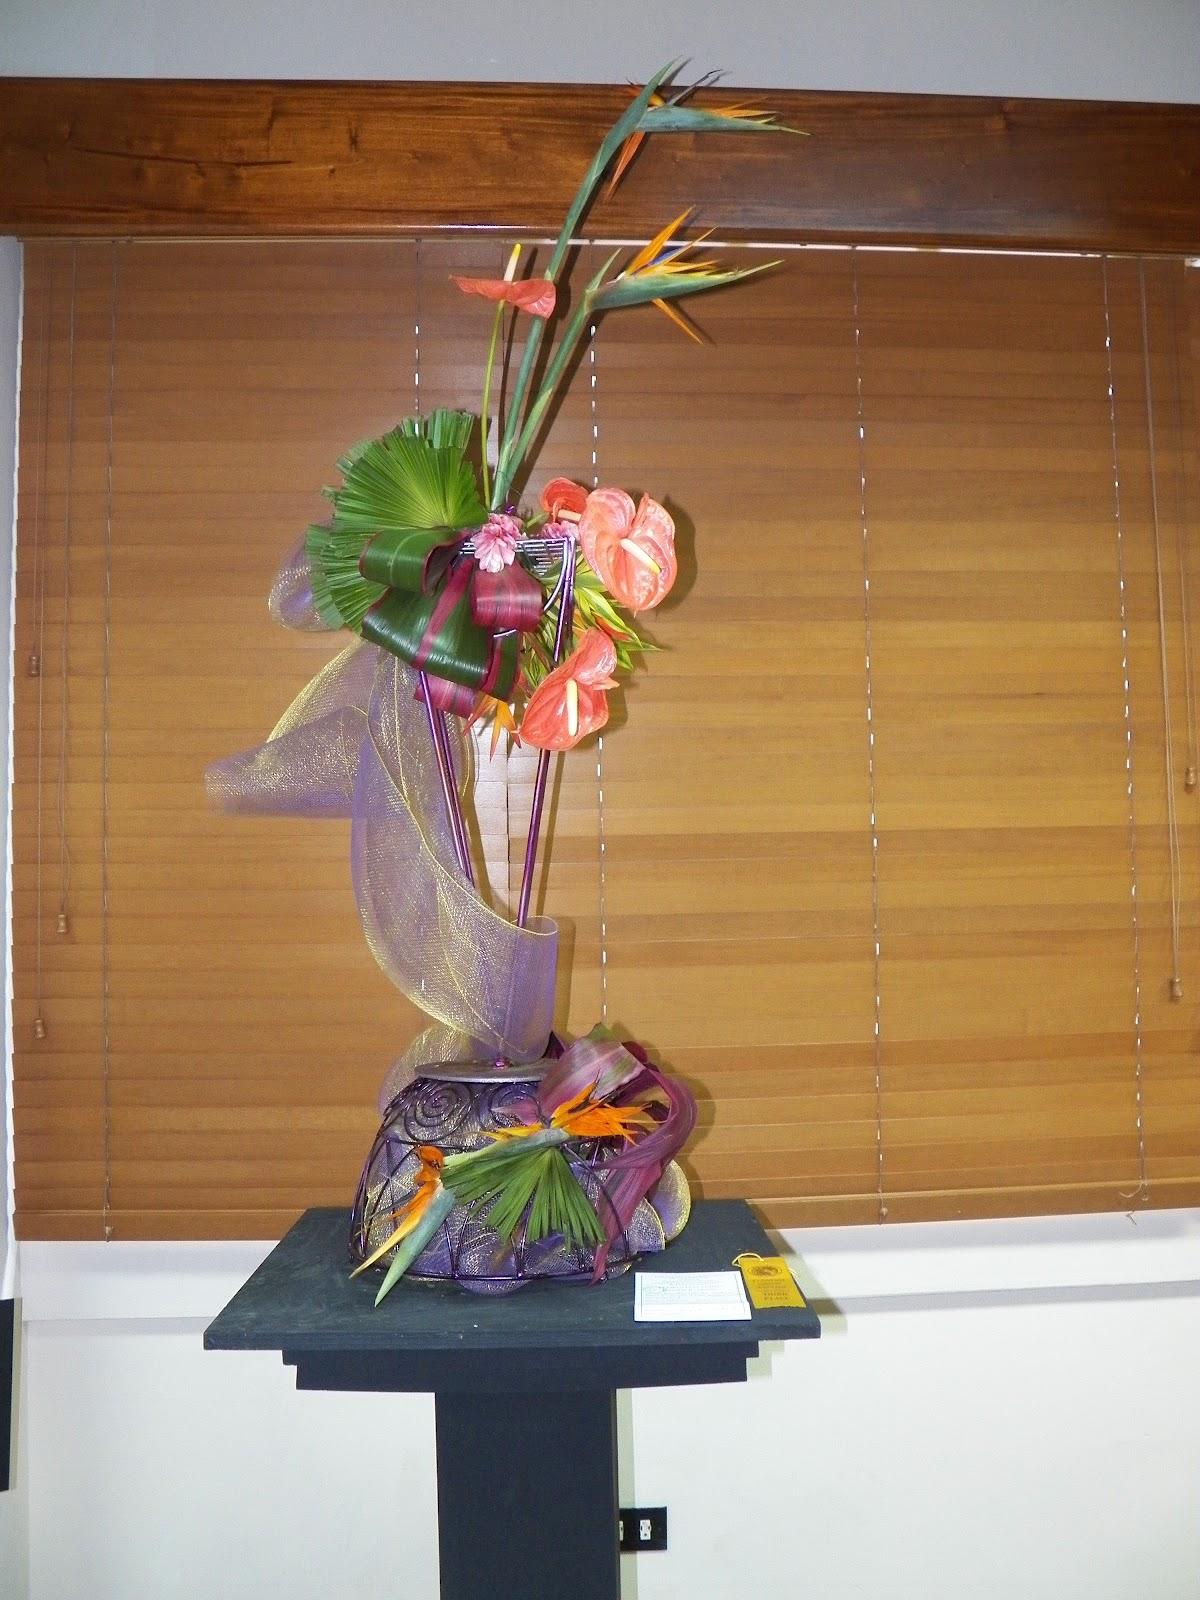 Arreglos florales creativos arreglos creativos - Arreglos florales creativos ...